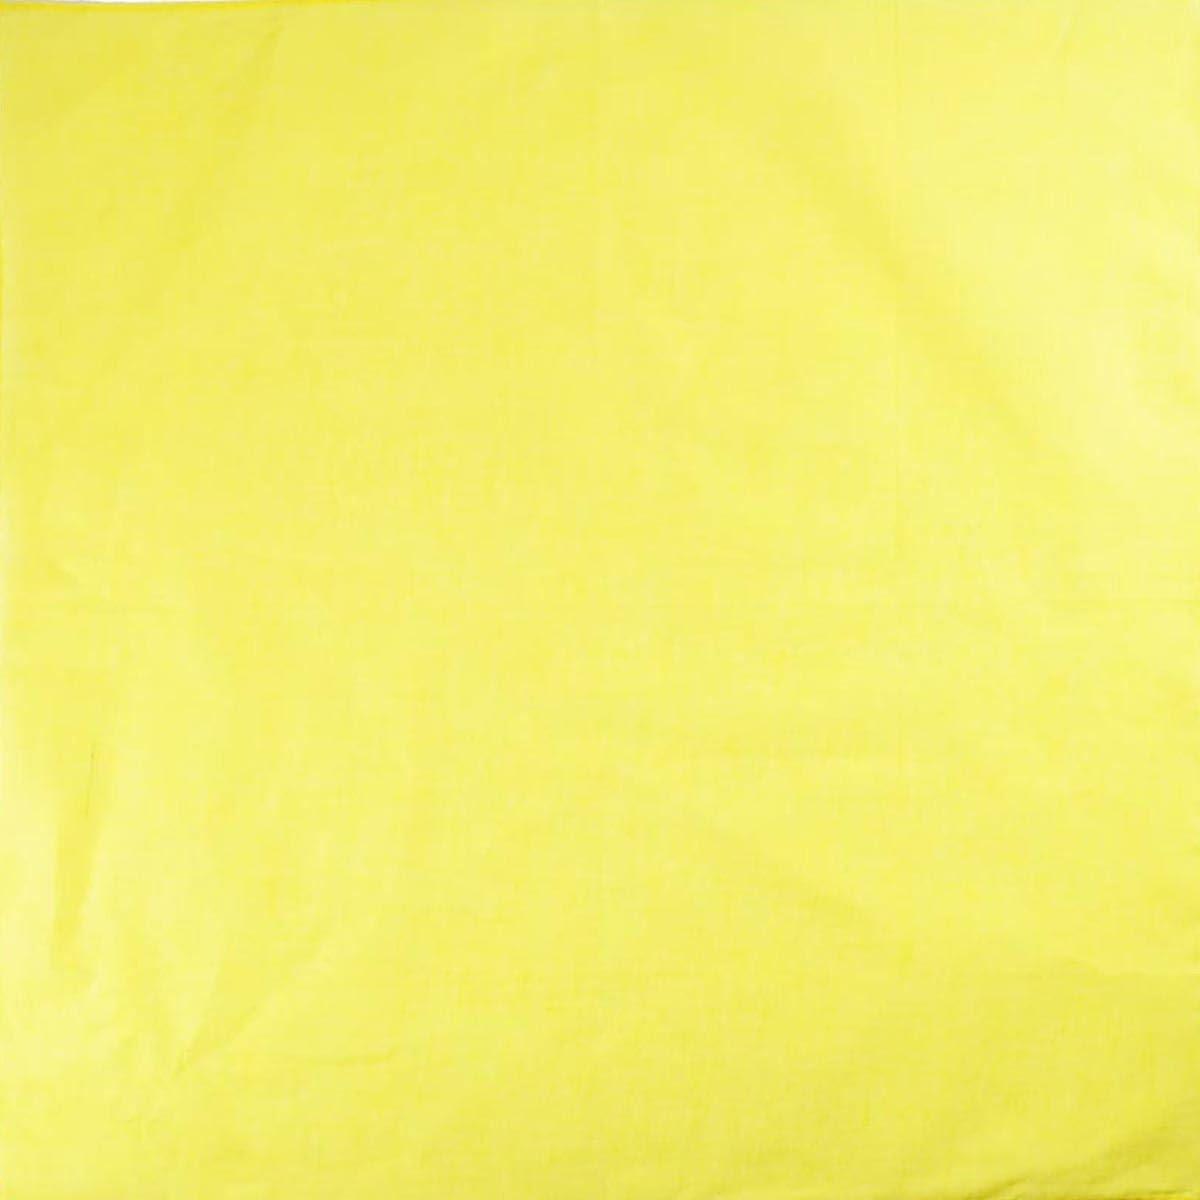 """Scarf Wristband 22/"""" x 22/"""" 55 x 55cm Unisex Men Woman Plain Solid Colour 100/% Cotton Bandana Head Neck Wrist Handwrap"""